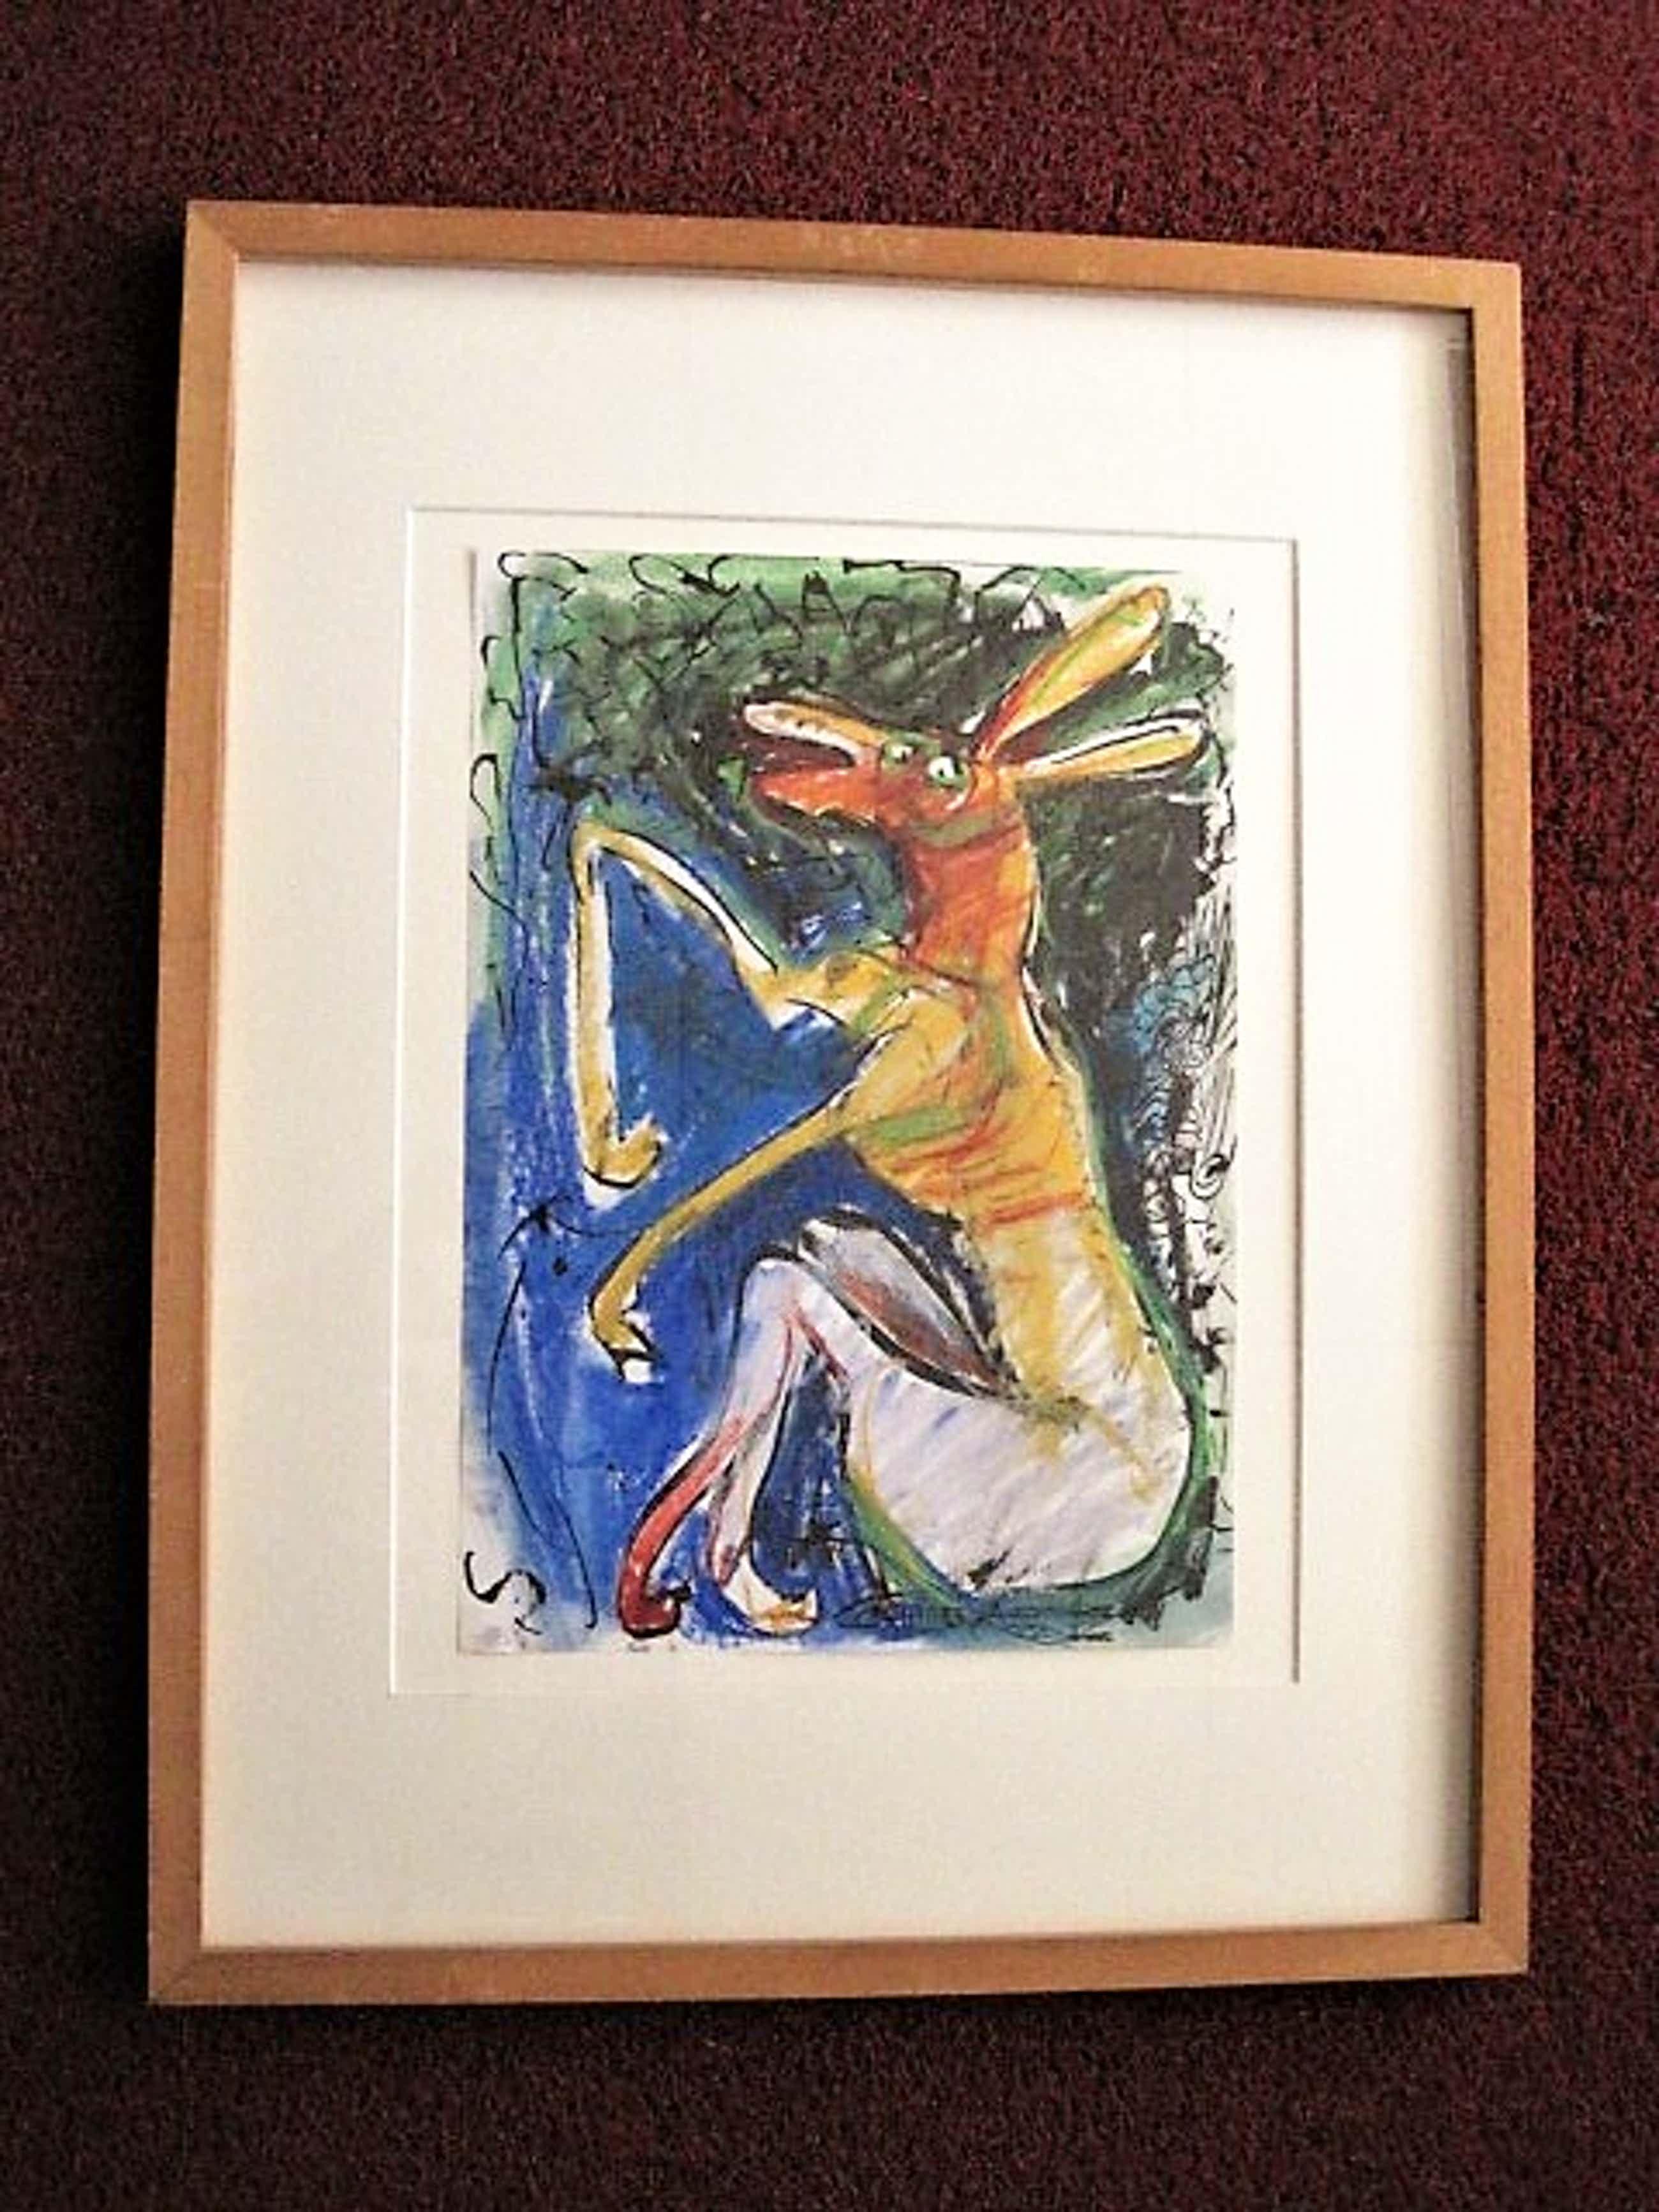 Edith Cammenga - Grote expressionistische Gem.Technk. Voorstelling met figuren - gesigneerd kopen? Bied vanaf 20!